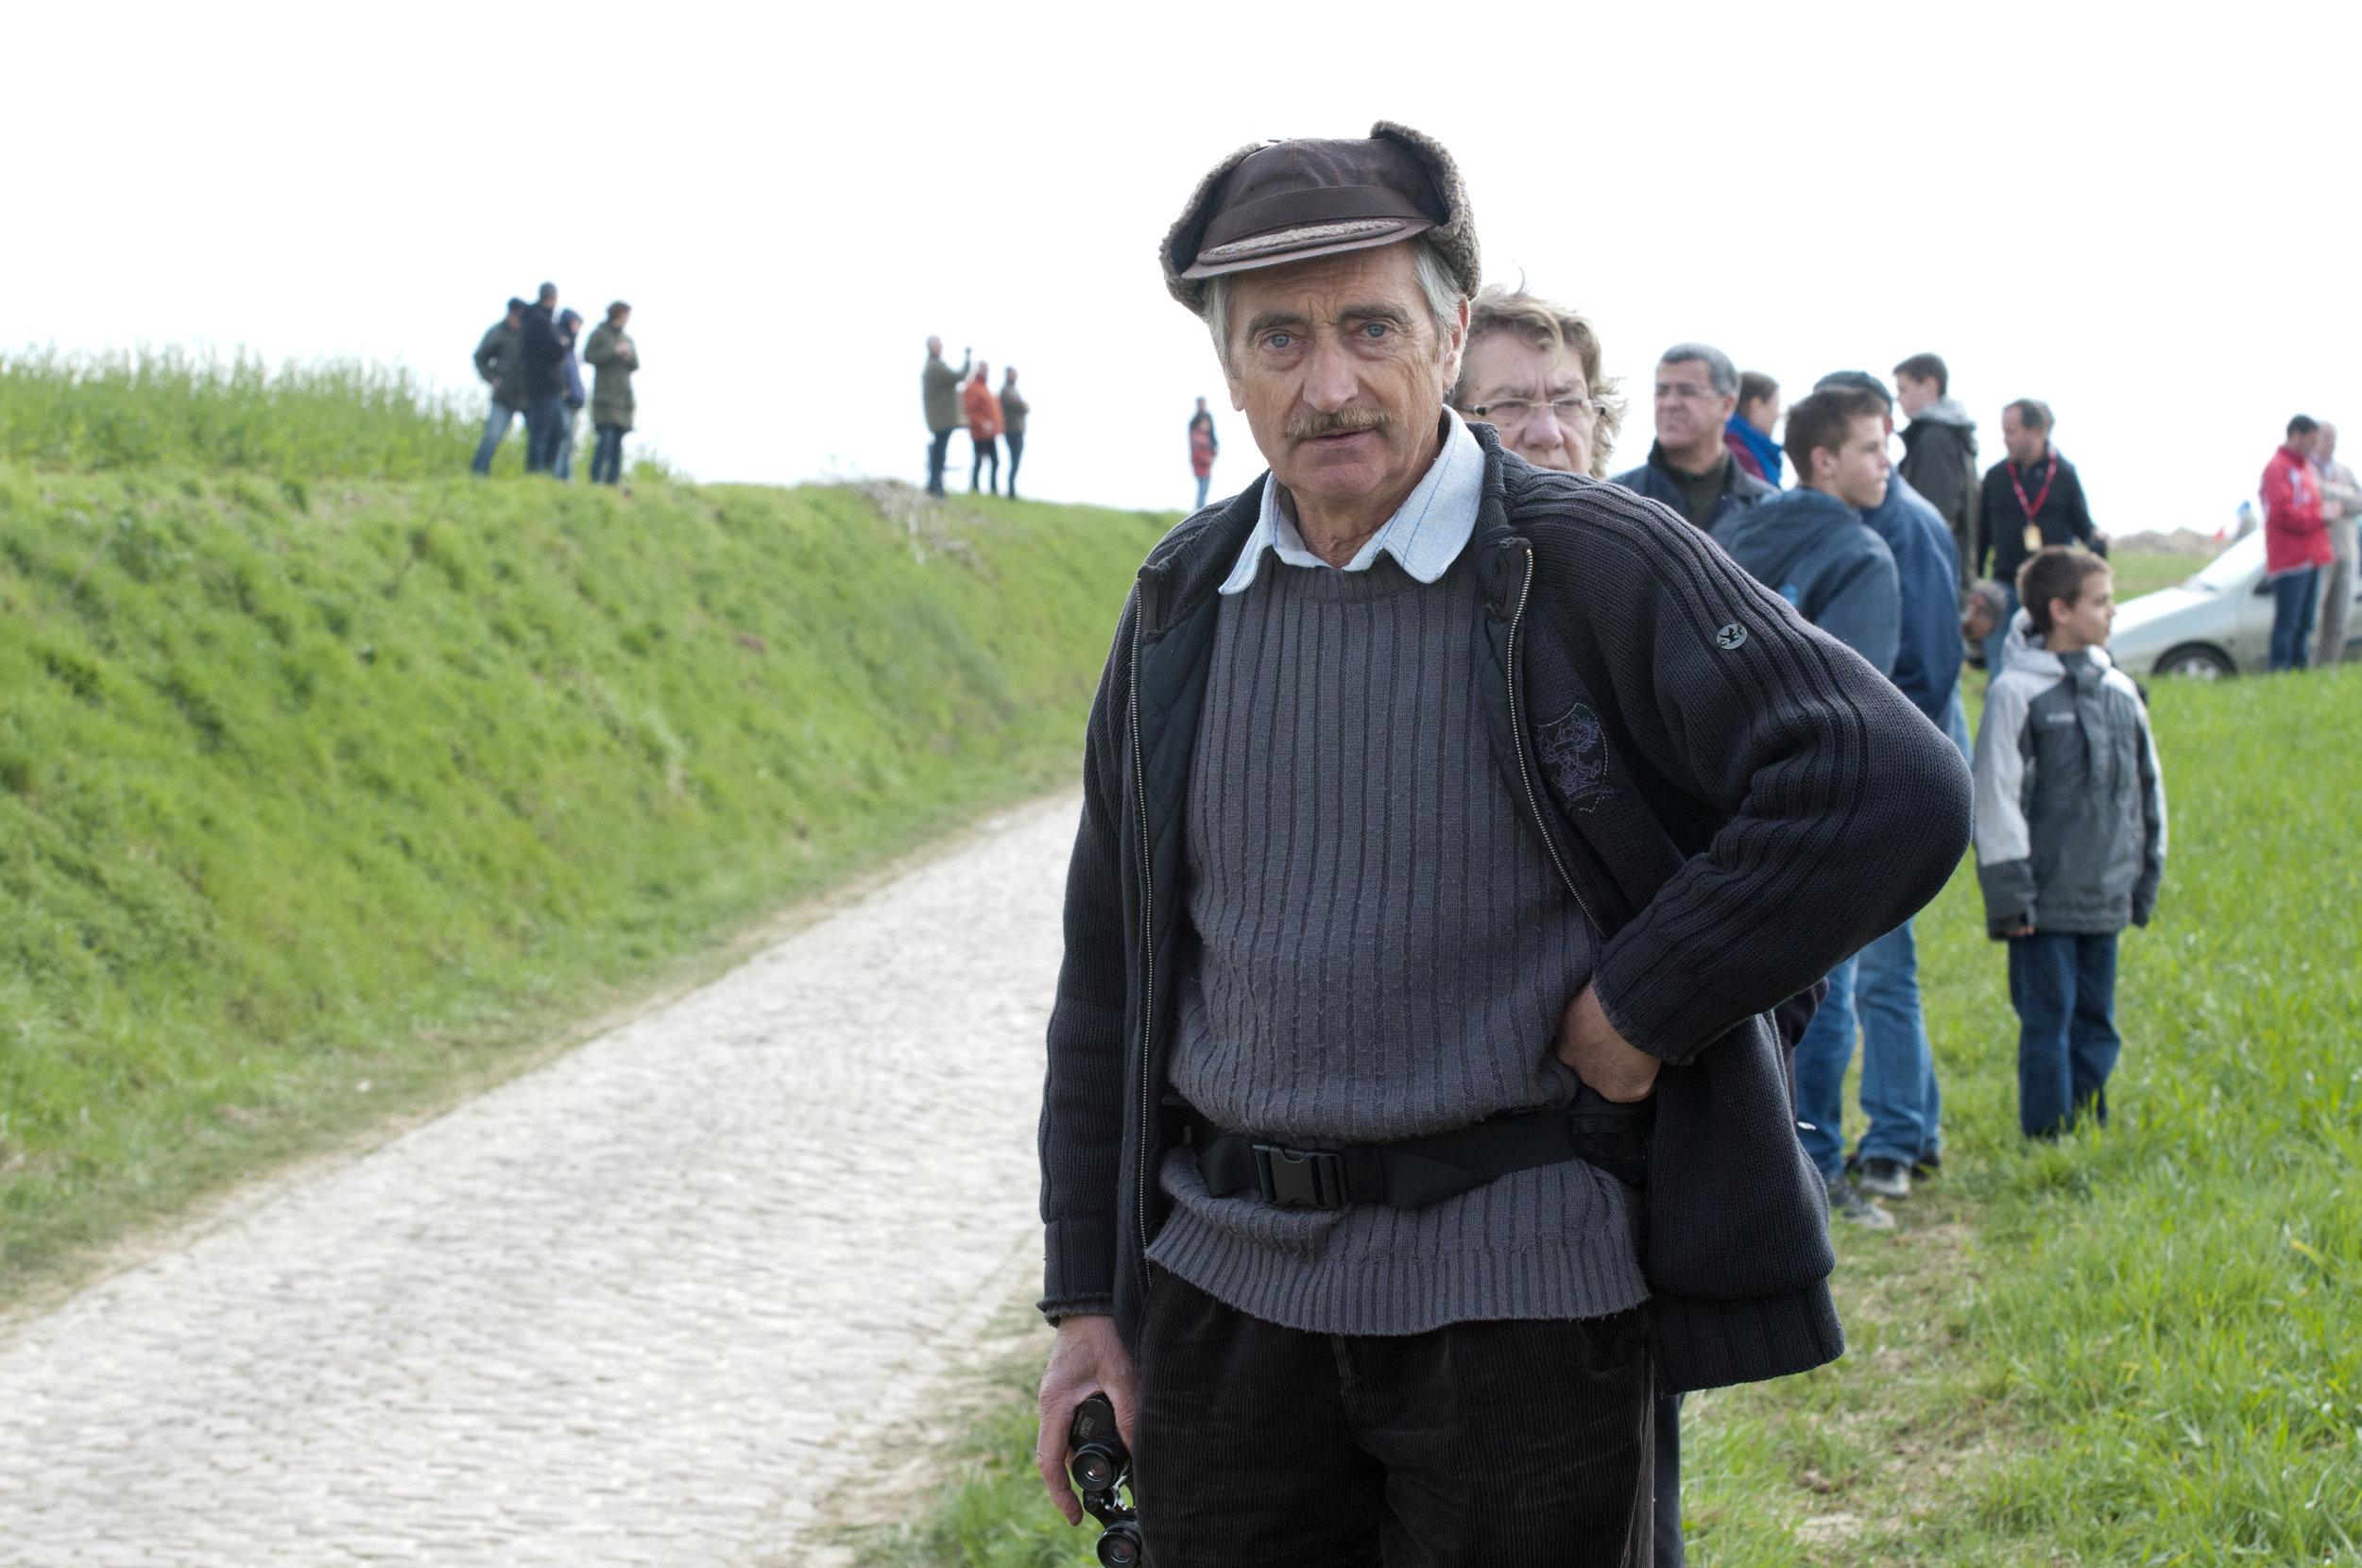 Roubaix2012_1339.jpg